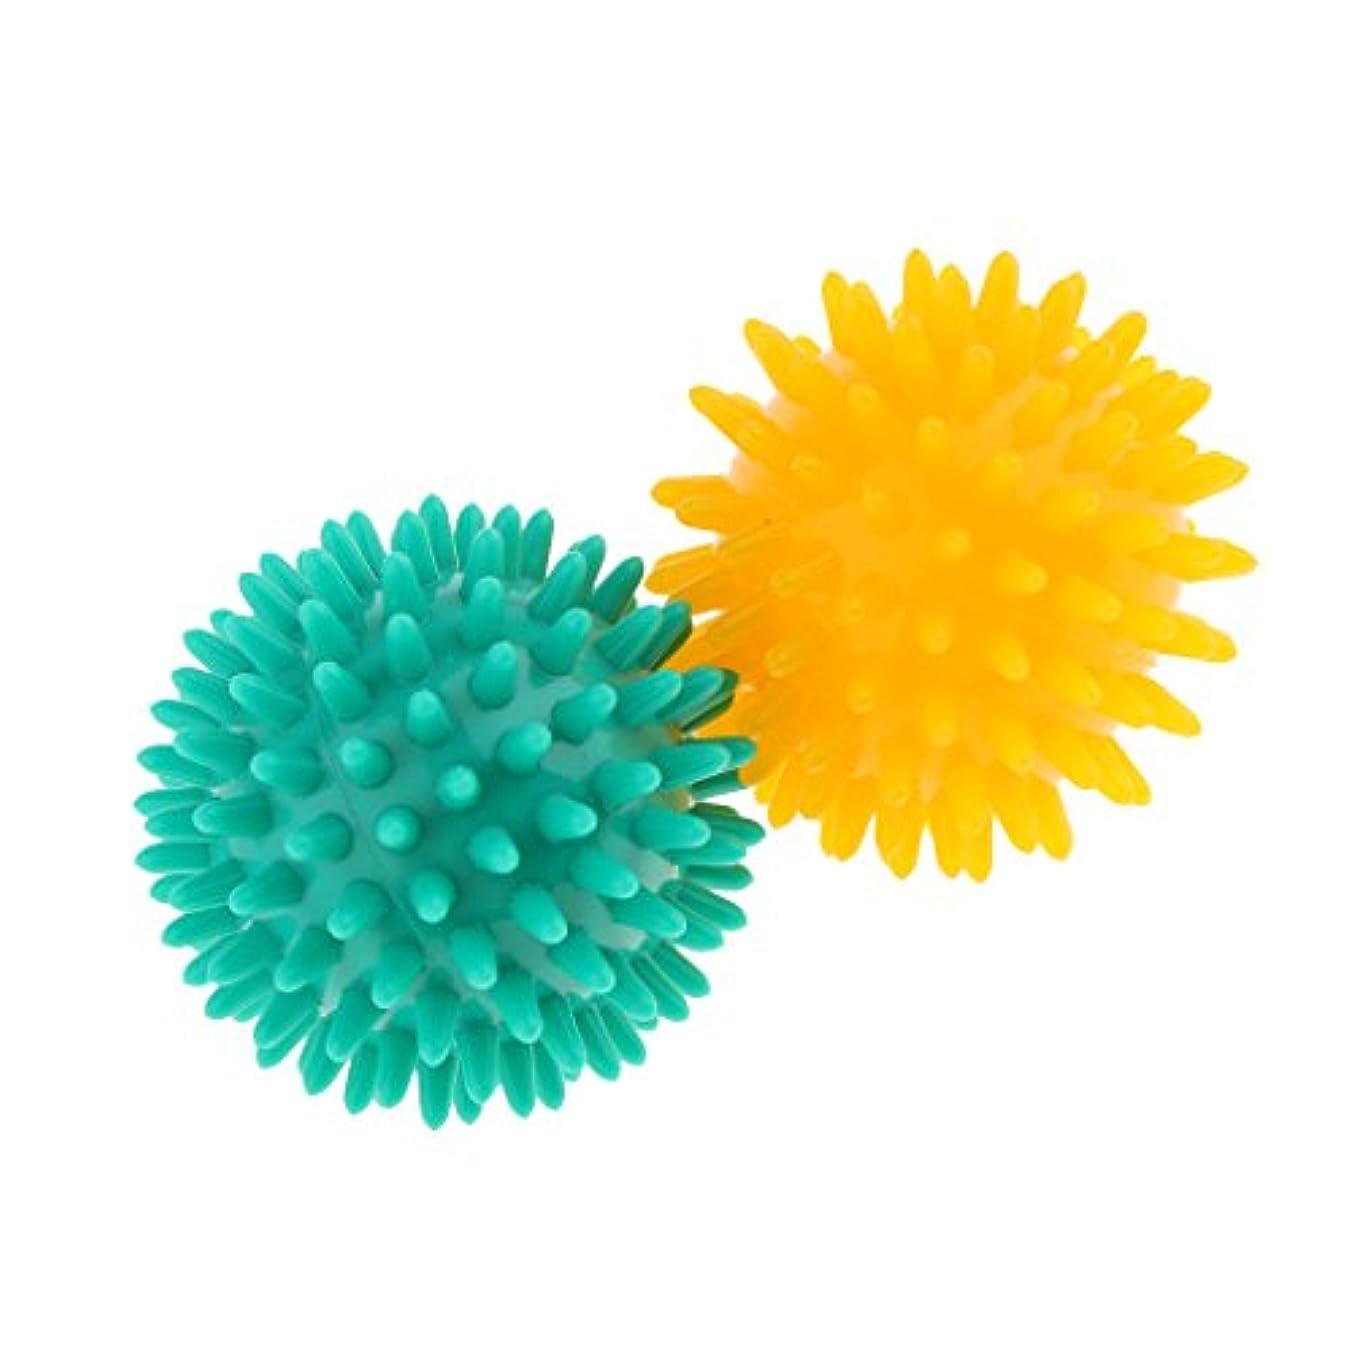 局理論的オーチャードマッサージボール スパイシー マッサージ ボディトリガー リラックス PVC 2個セット 3タイプ選べ - イエローグリーン